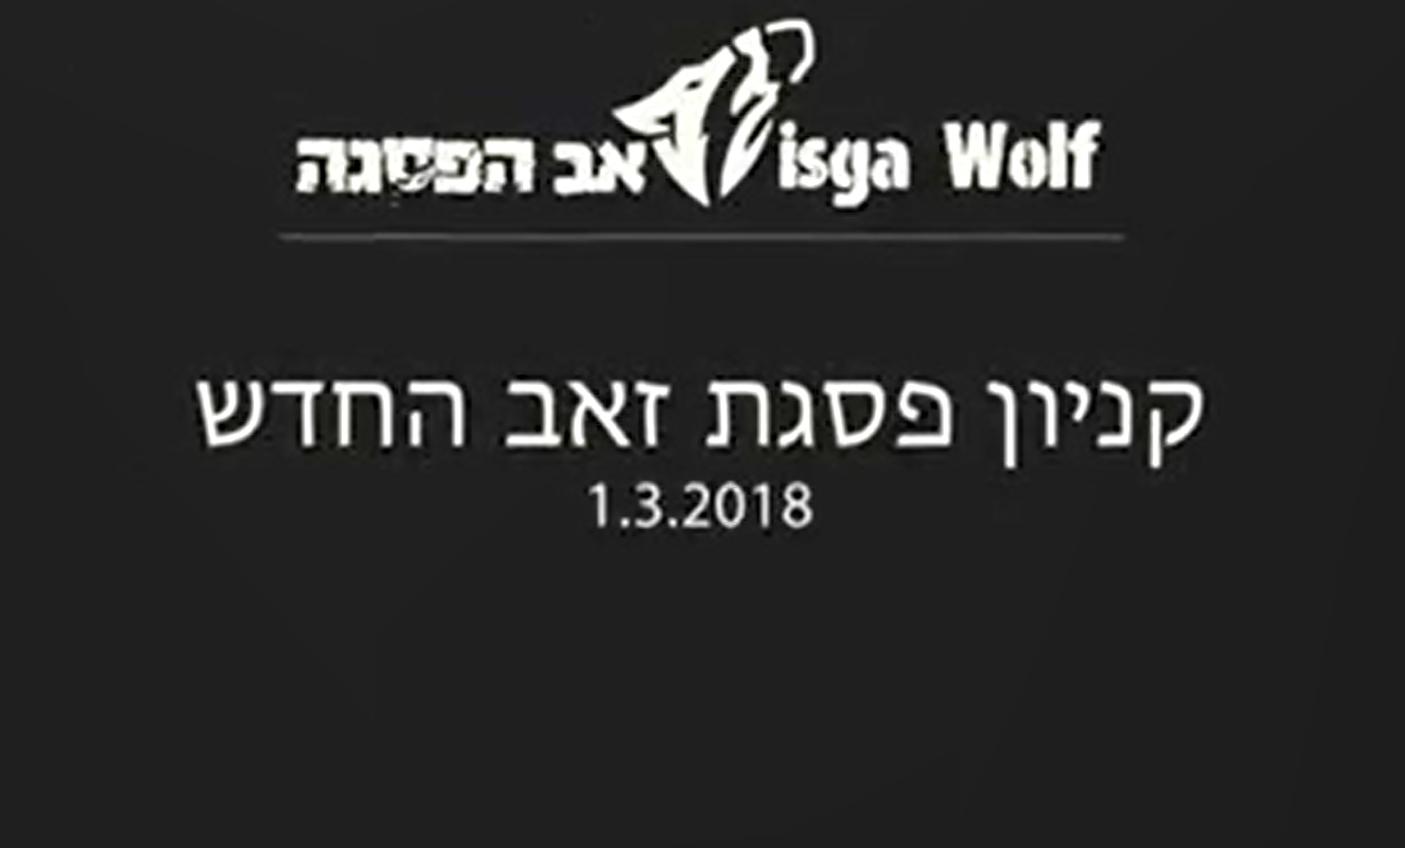 וידאו – פסגת זאב: יוזמה קהילתית-חברתית לפתיחת קניון וירטואלי